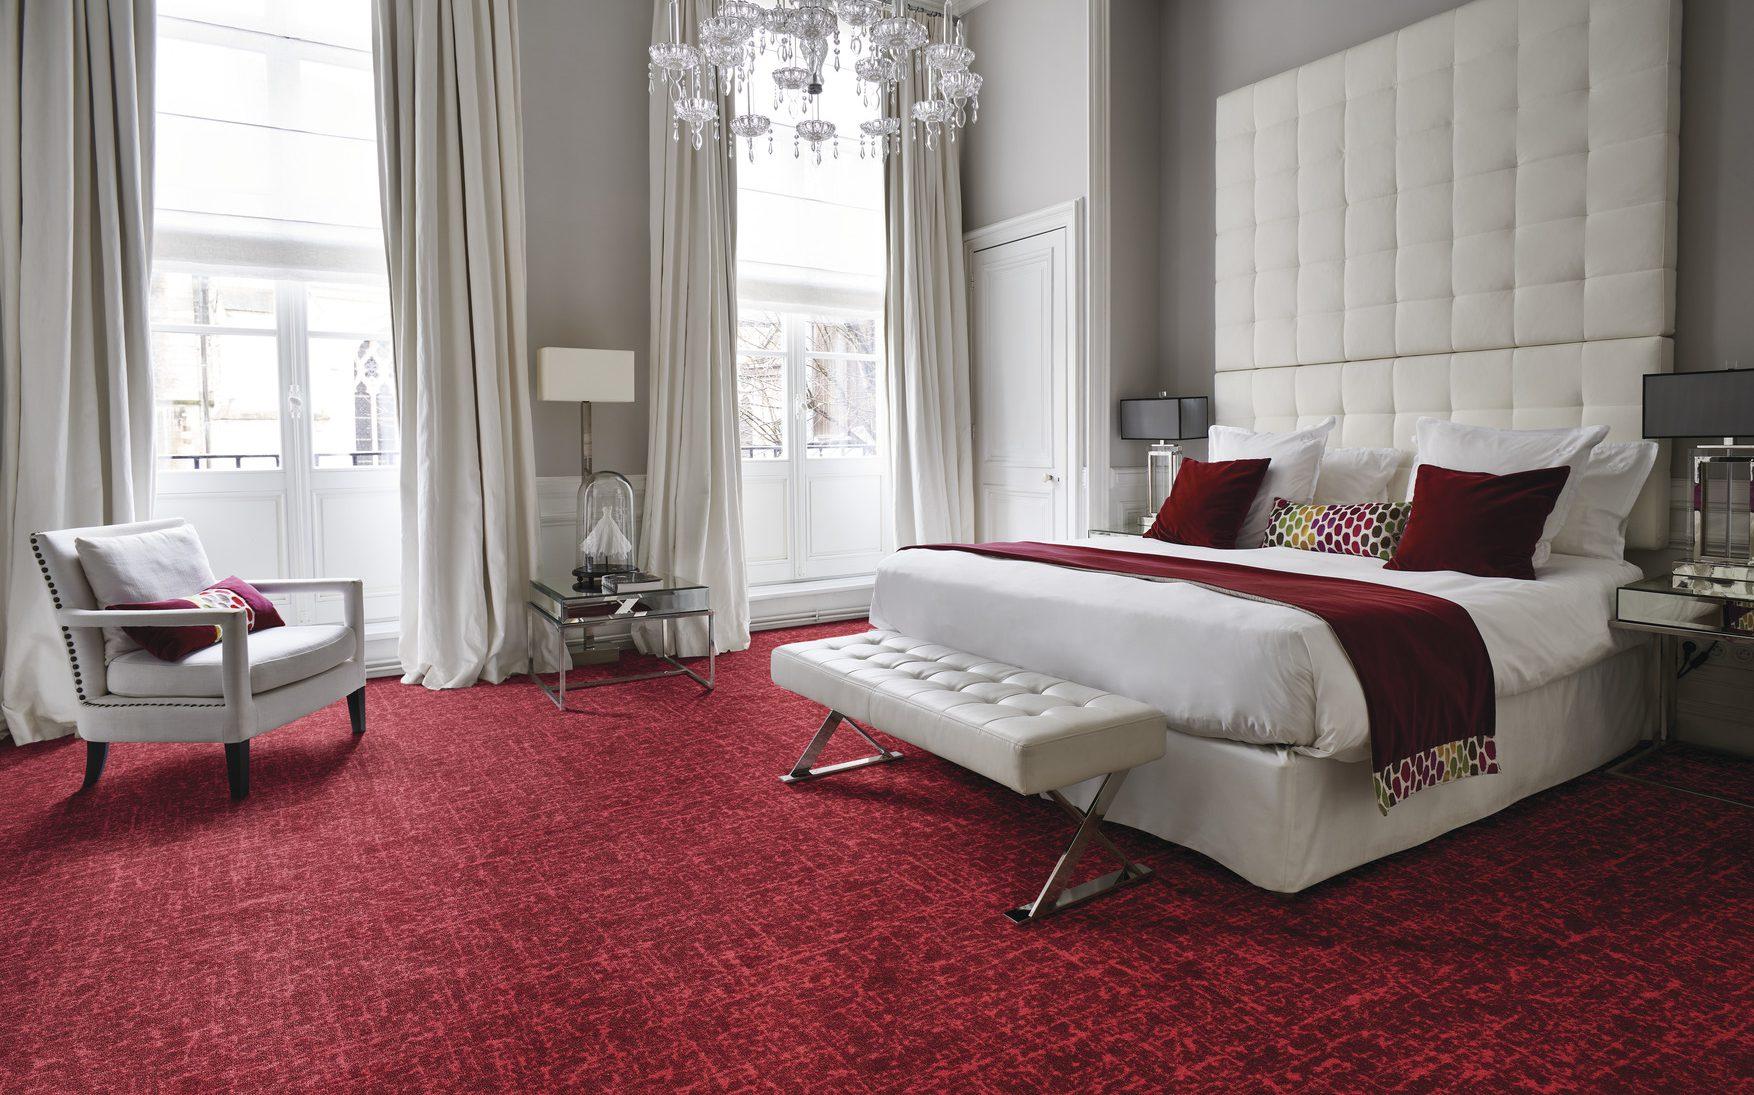 Tweed voor een thuis gevoel in jullie hotel, zacht en warm rood